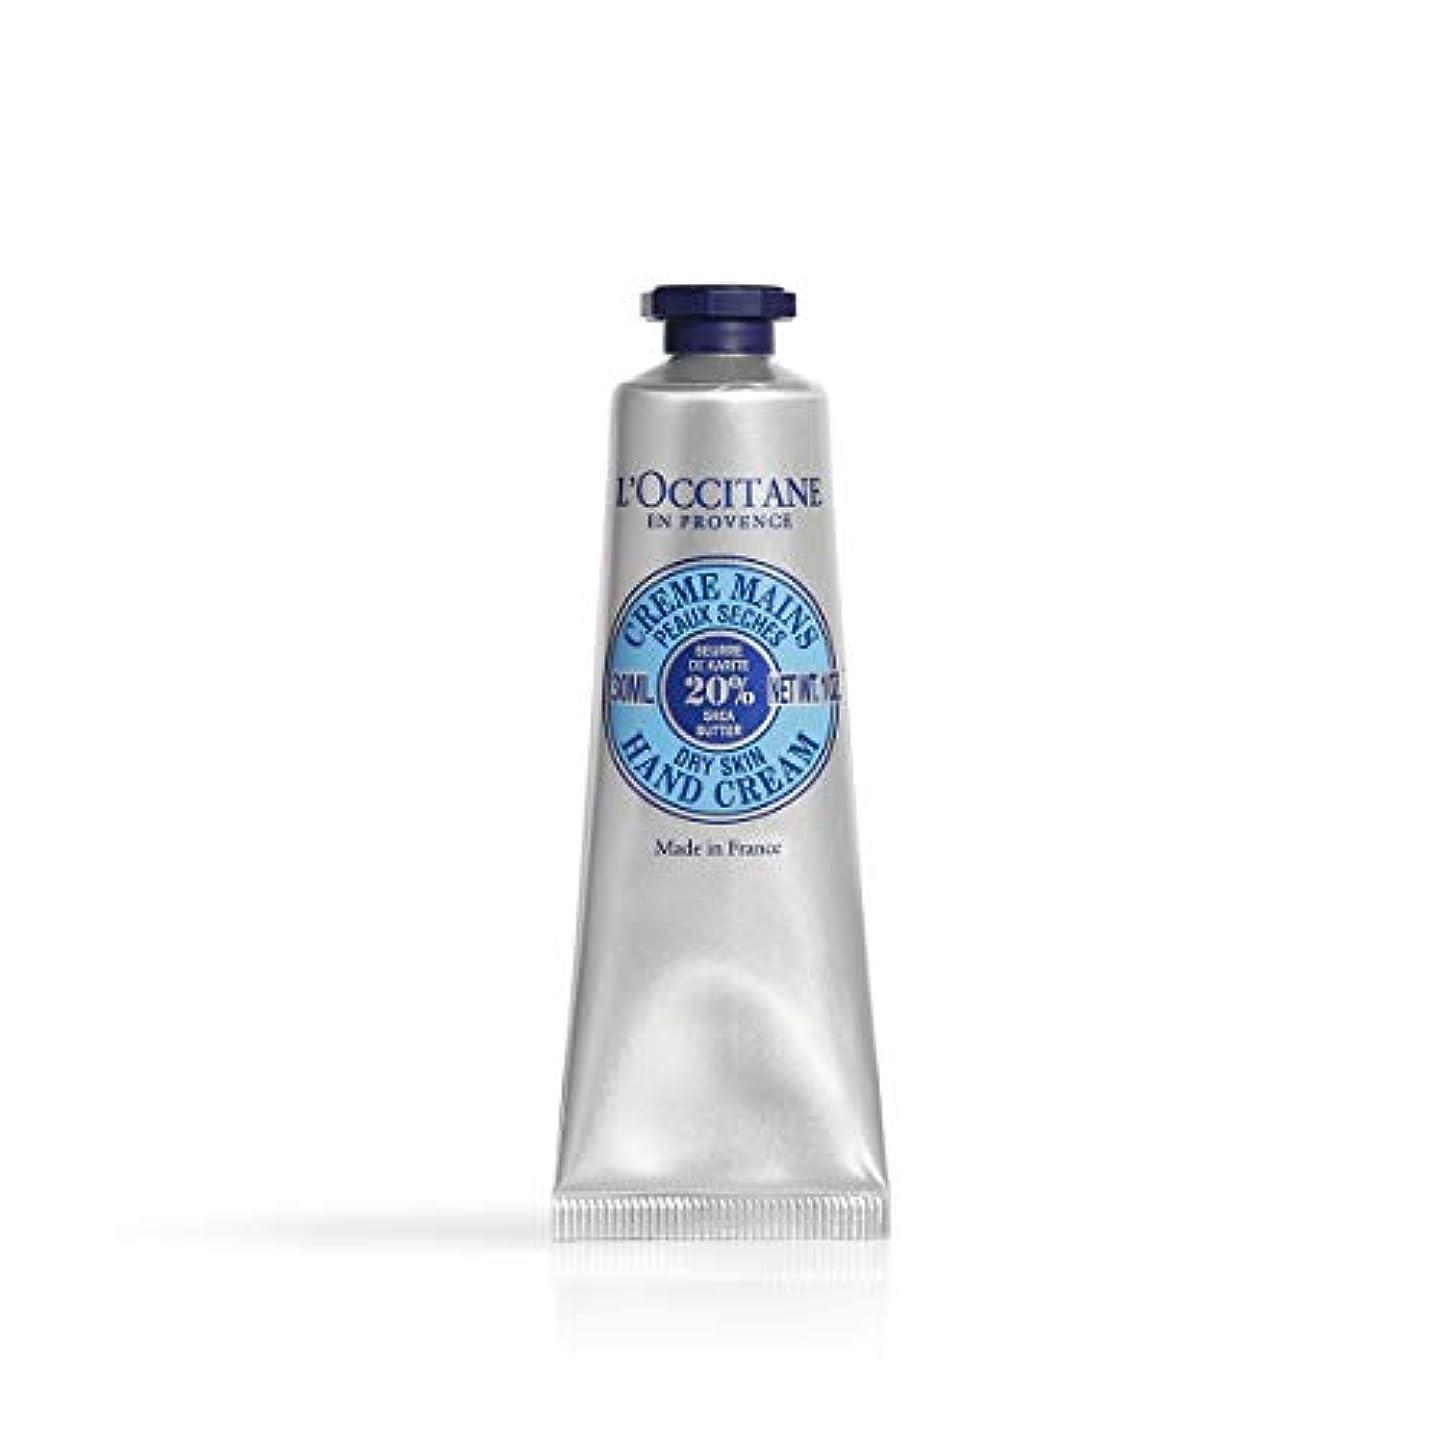 ストレージループ味わうロクシタン(L'OCCITANE) シア ハンドクリーム 30ml